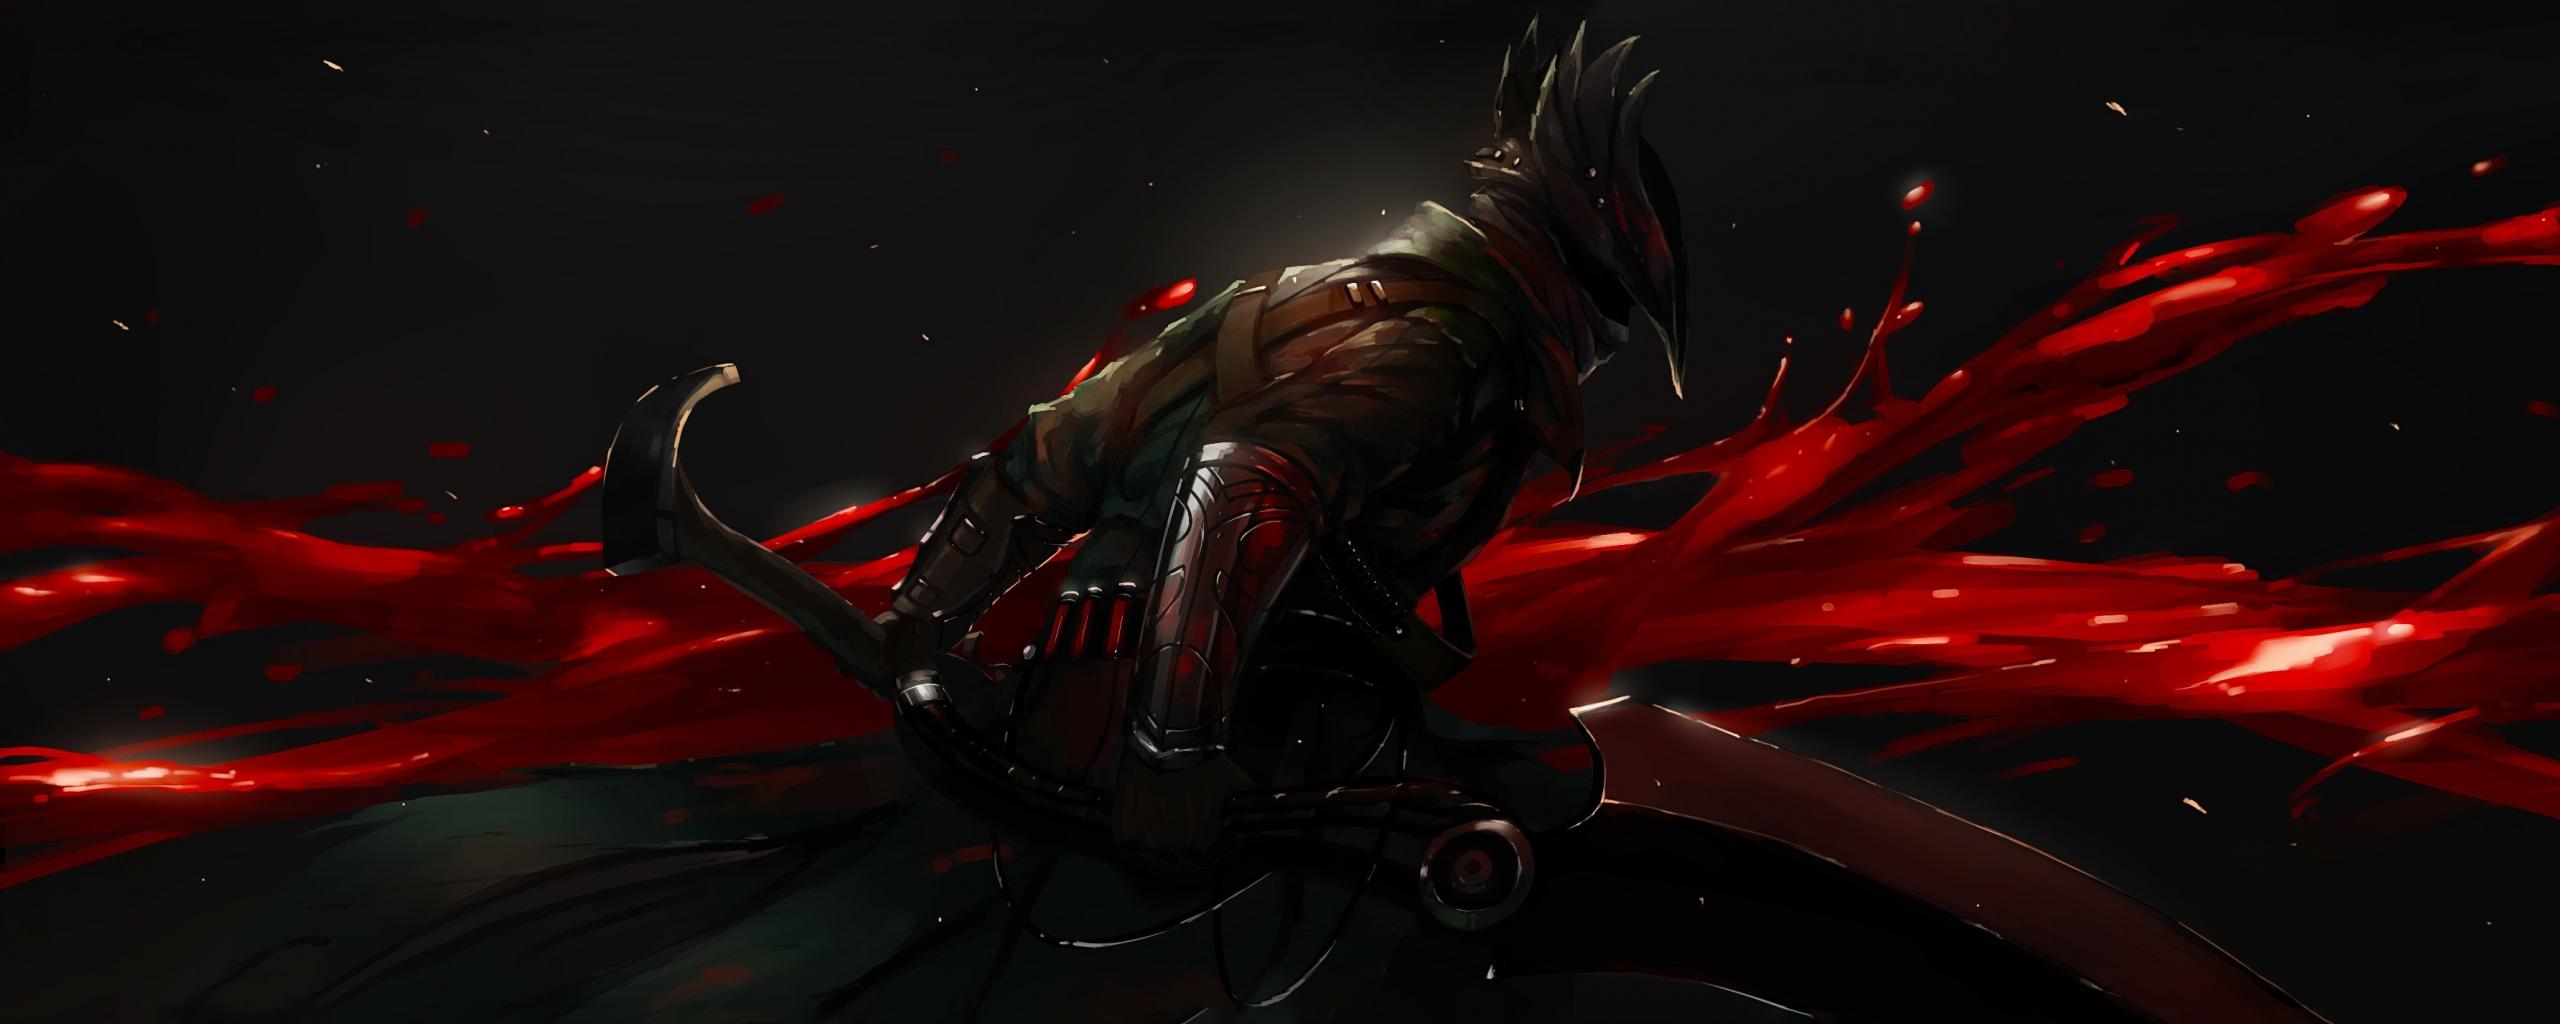 2560x1024 wallpaper Dark, warrior, bloodborne